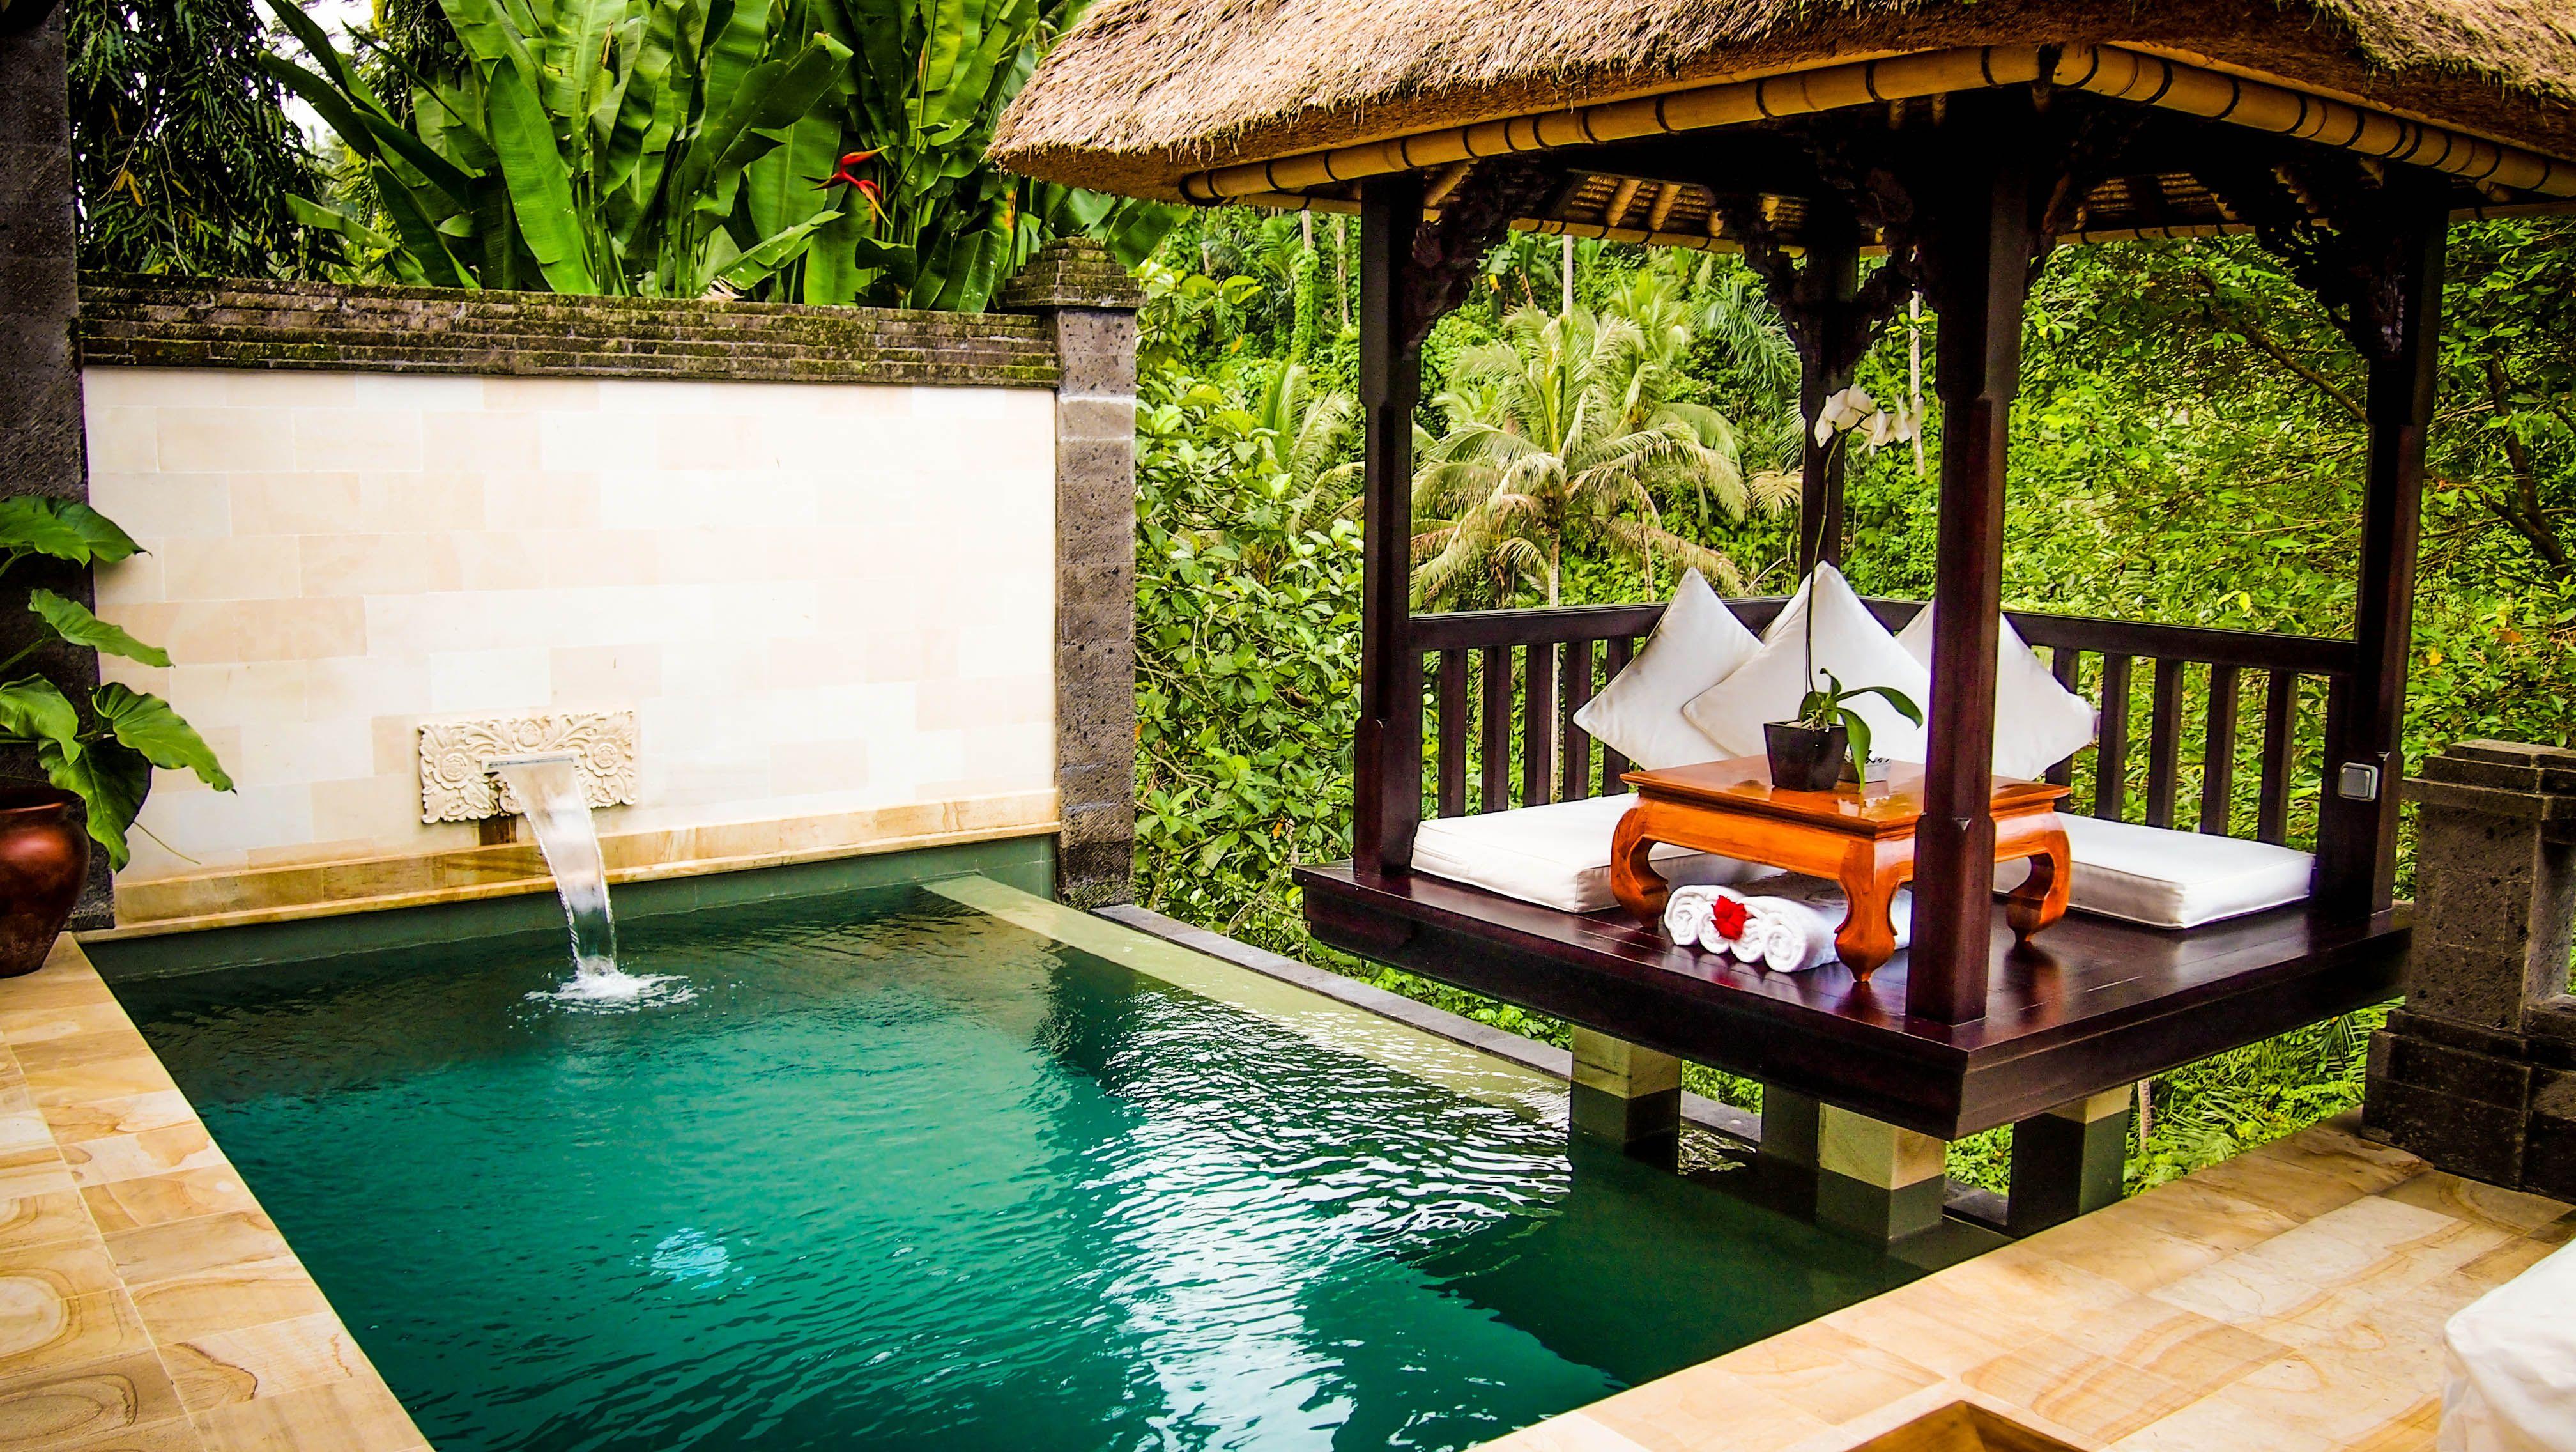 Japanese garden pool google search japanese gardens for Zen pool design